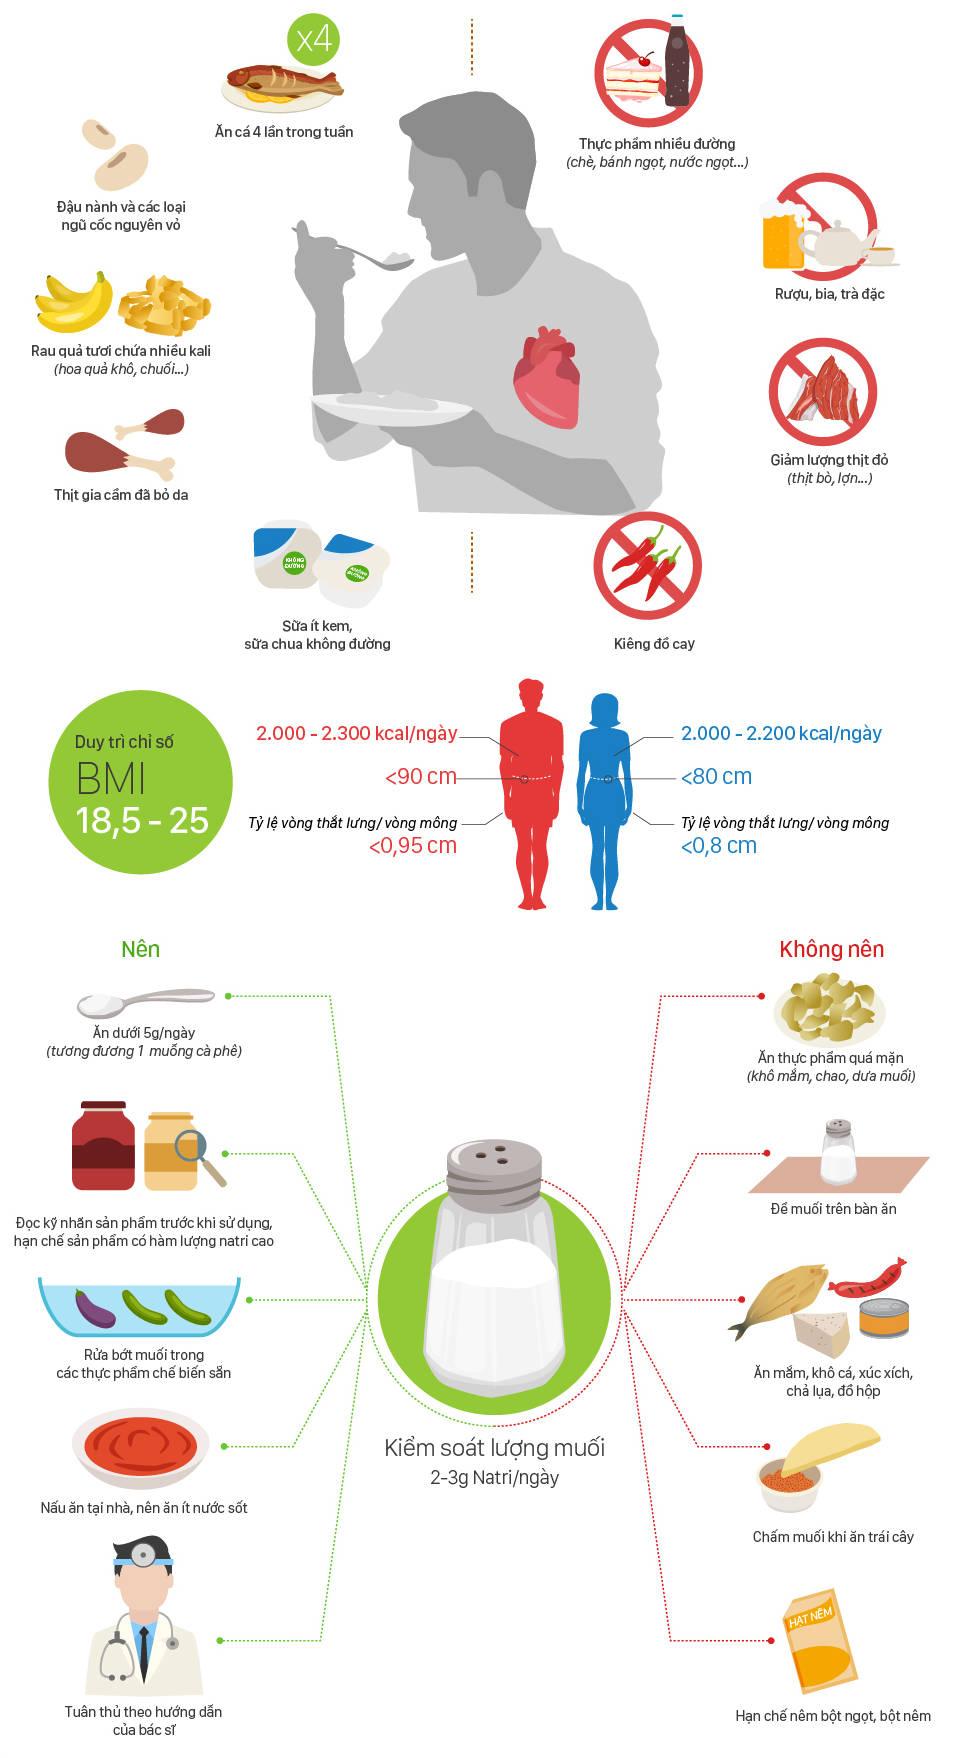 Những thói quen ăn uống tốt cho những người bị bệnh tim mạch.